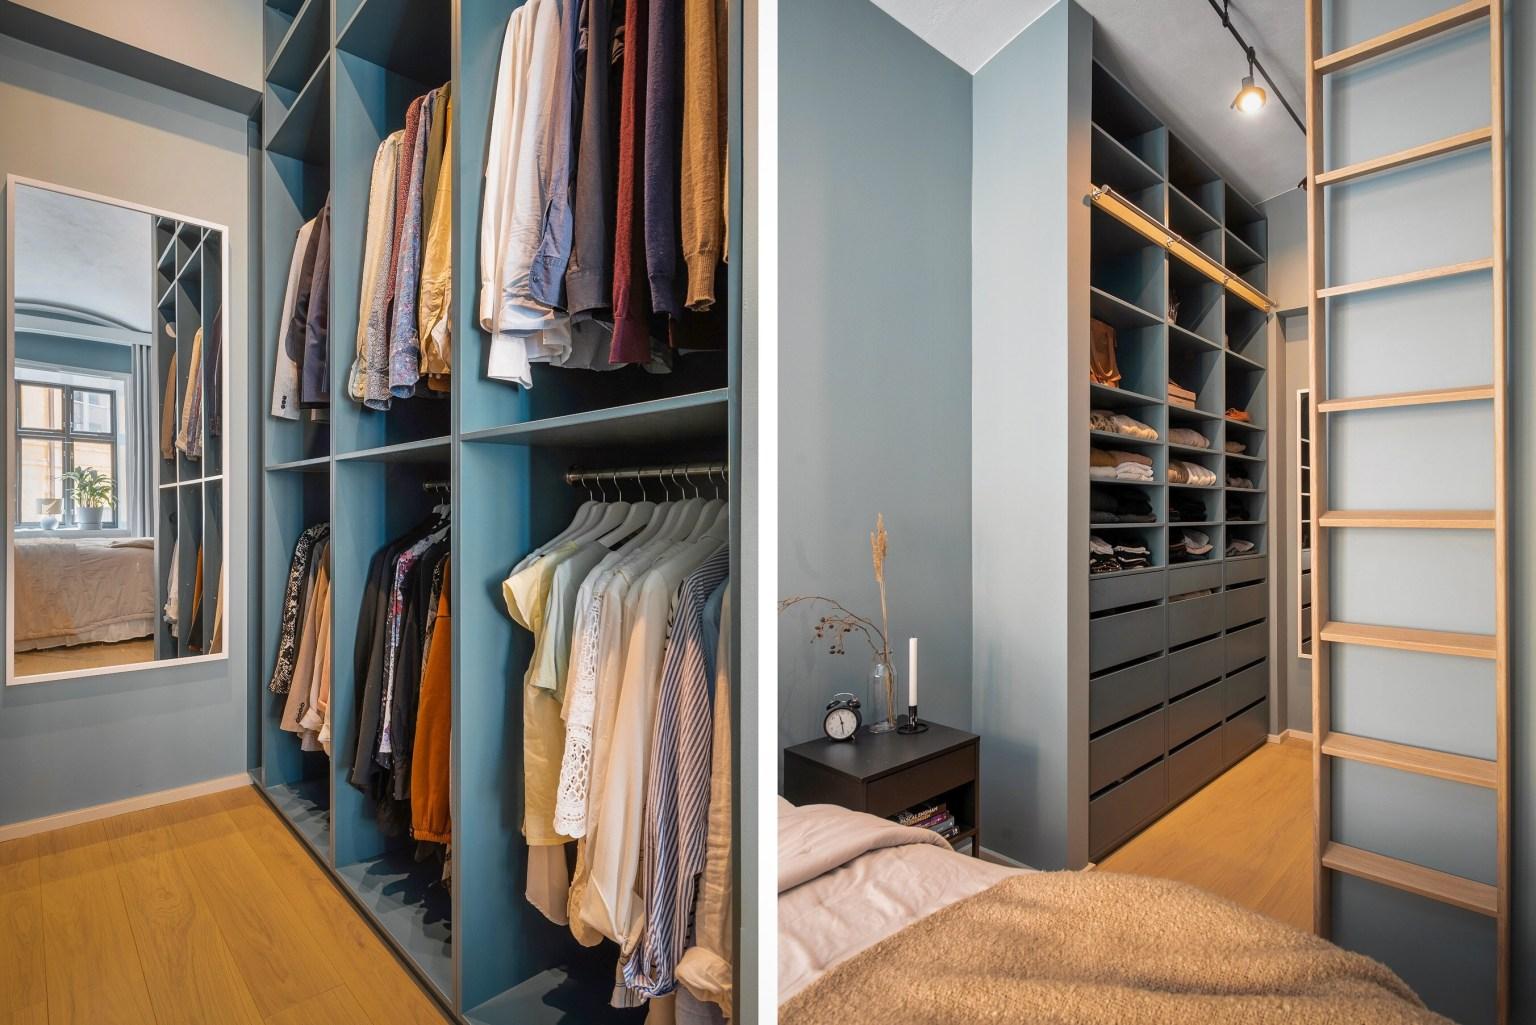 Góc thay đồ được thiết kế khéo léo để tăng thêm tiện ích tuyệt vời cho căn phòng nhỏ